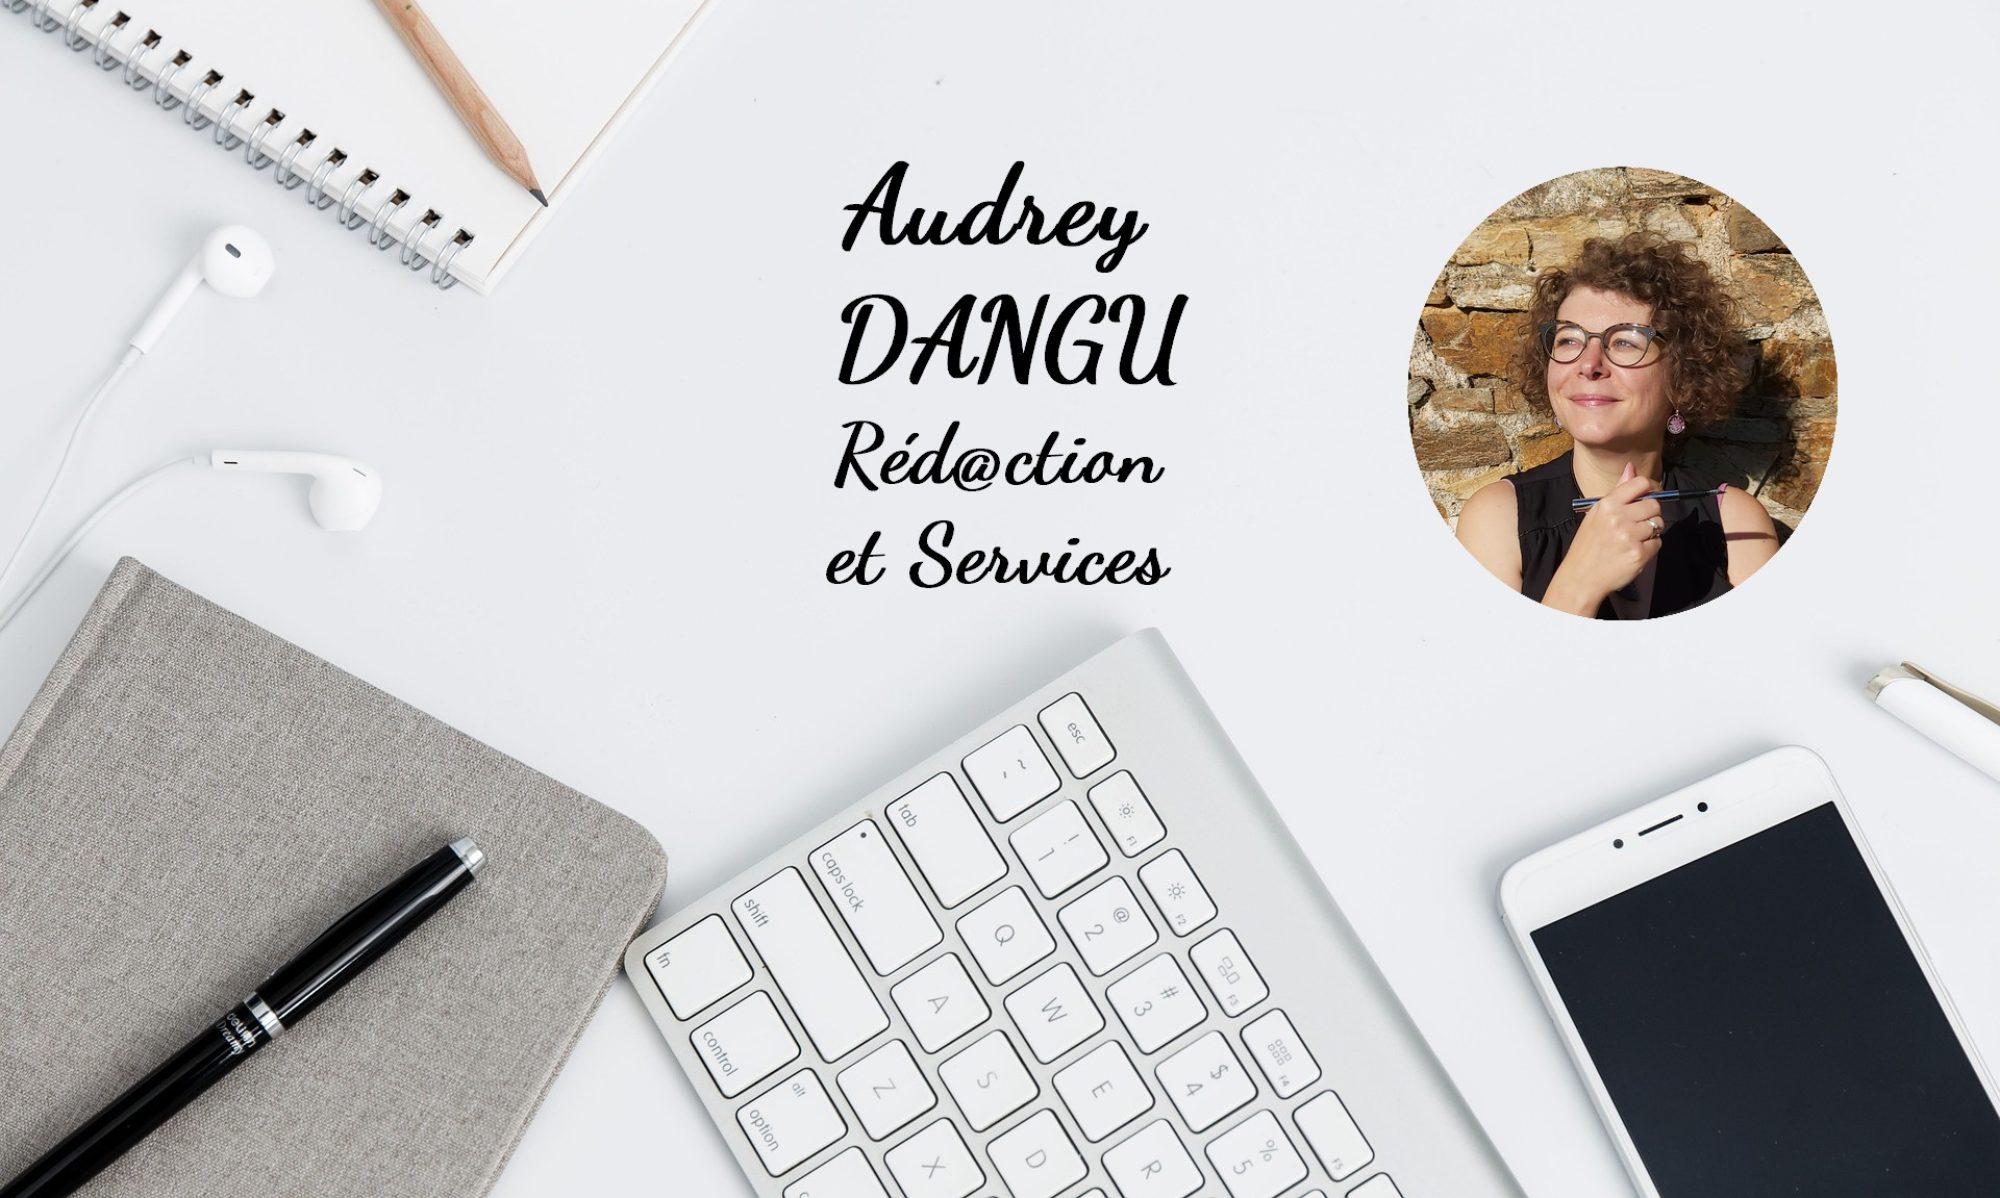 Audrey DANGU : Réd@ction et services